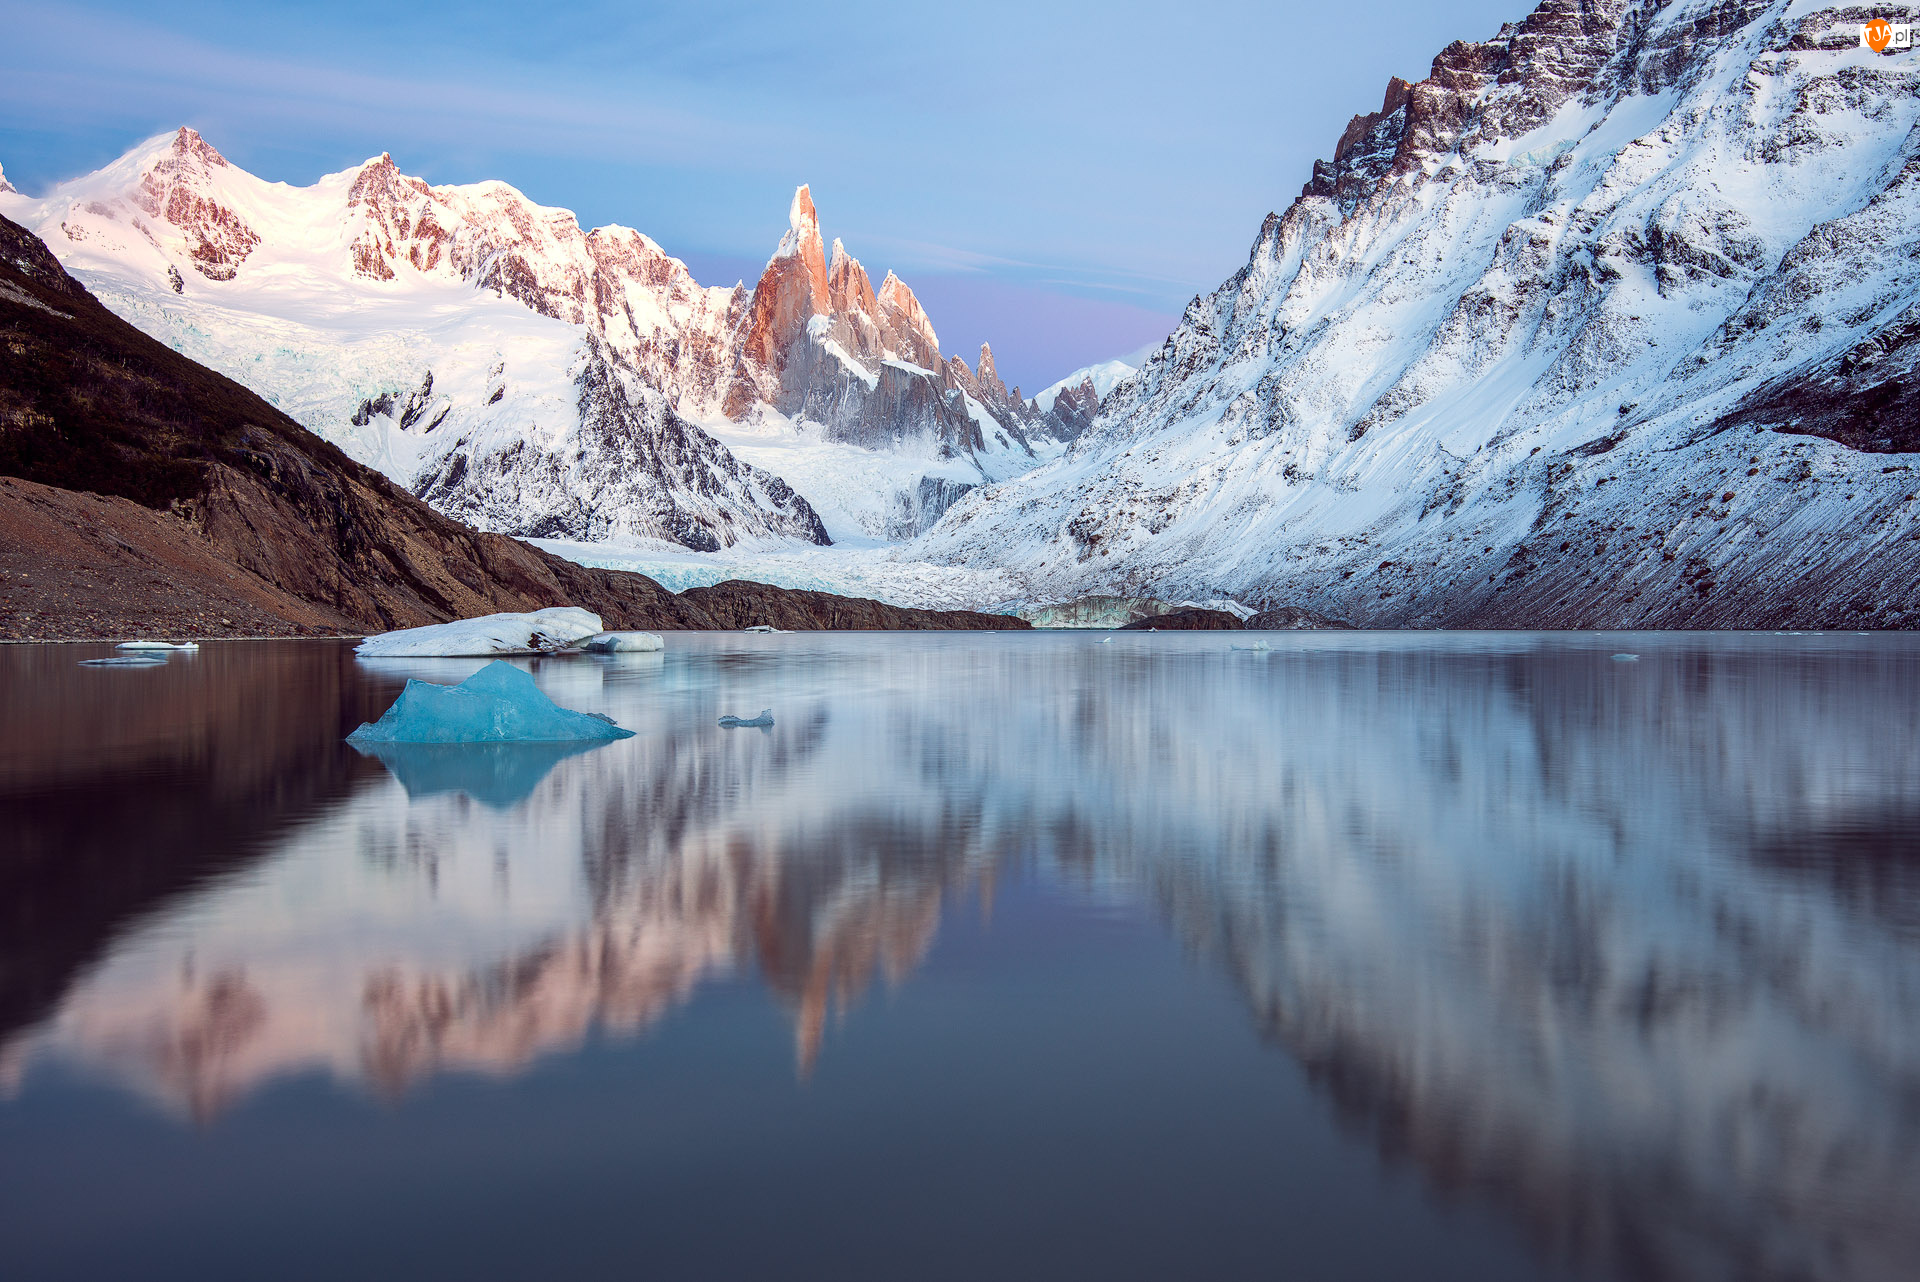 Góry, Śnieg, Jezioro, Zima